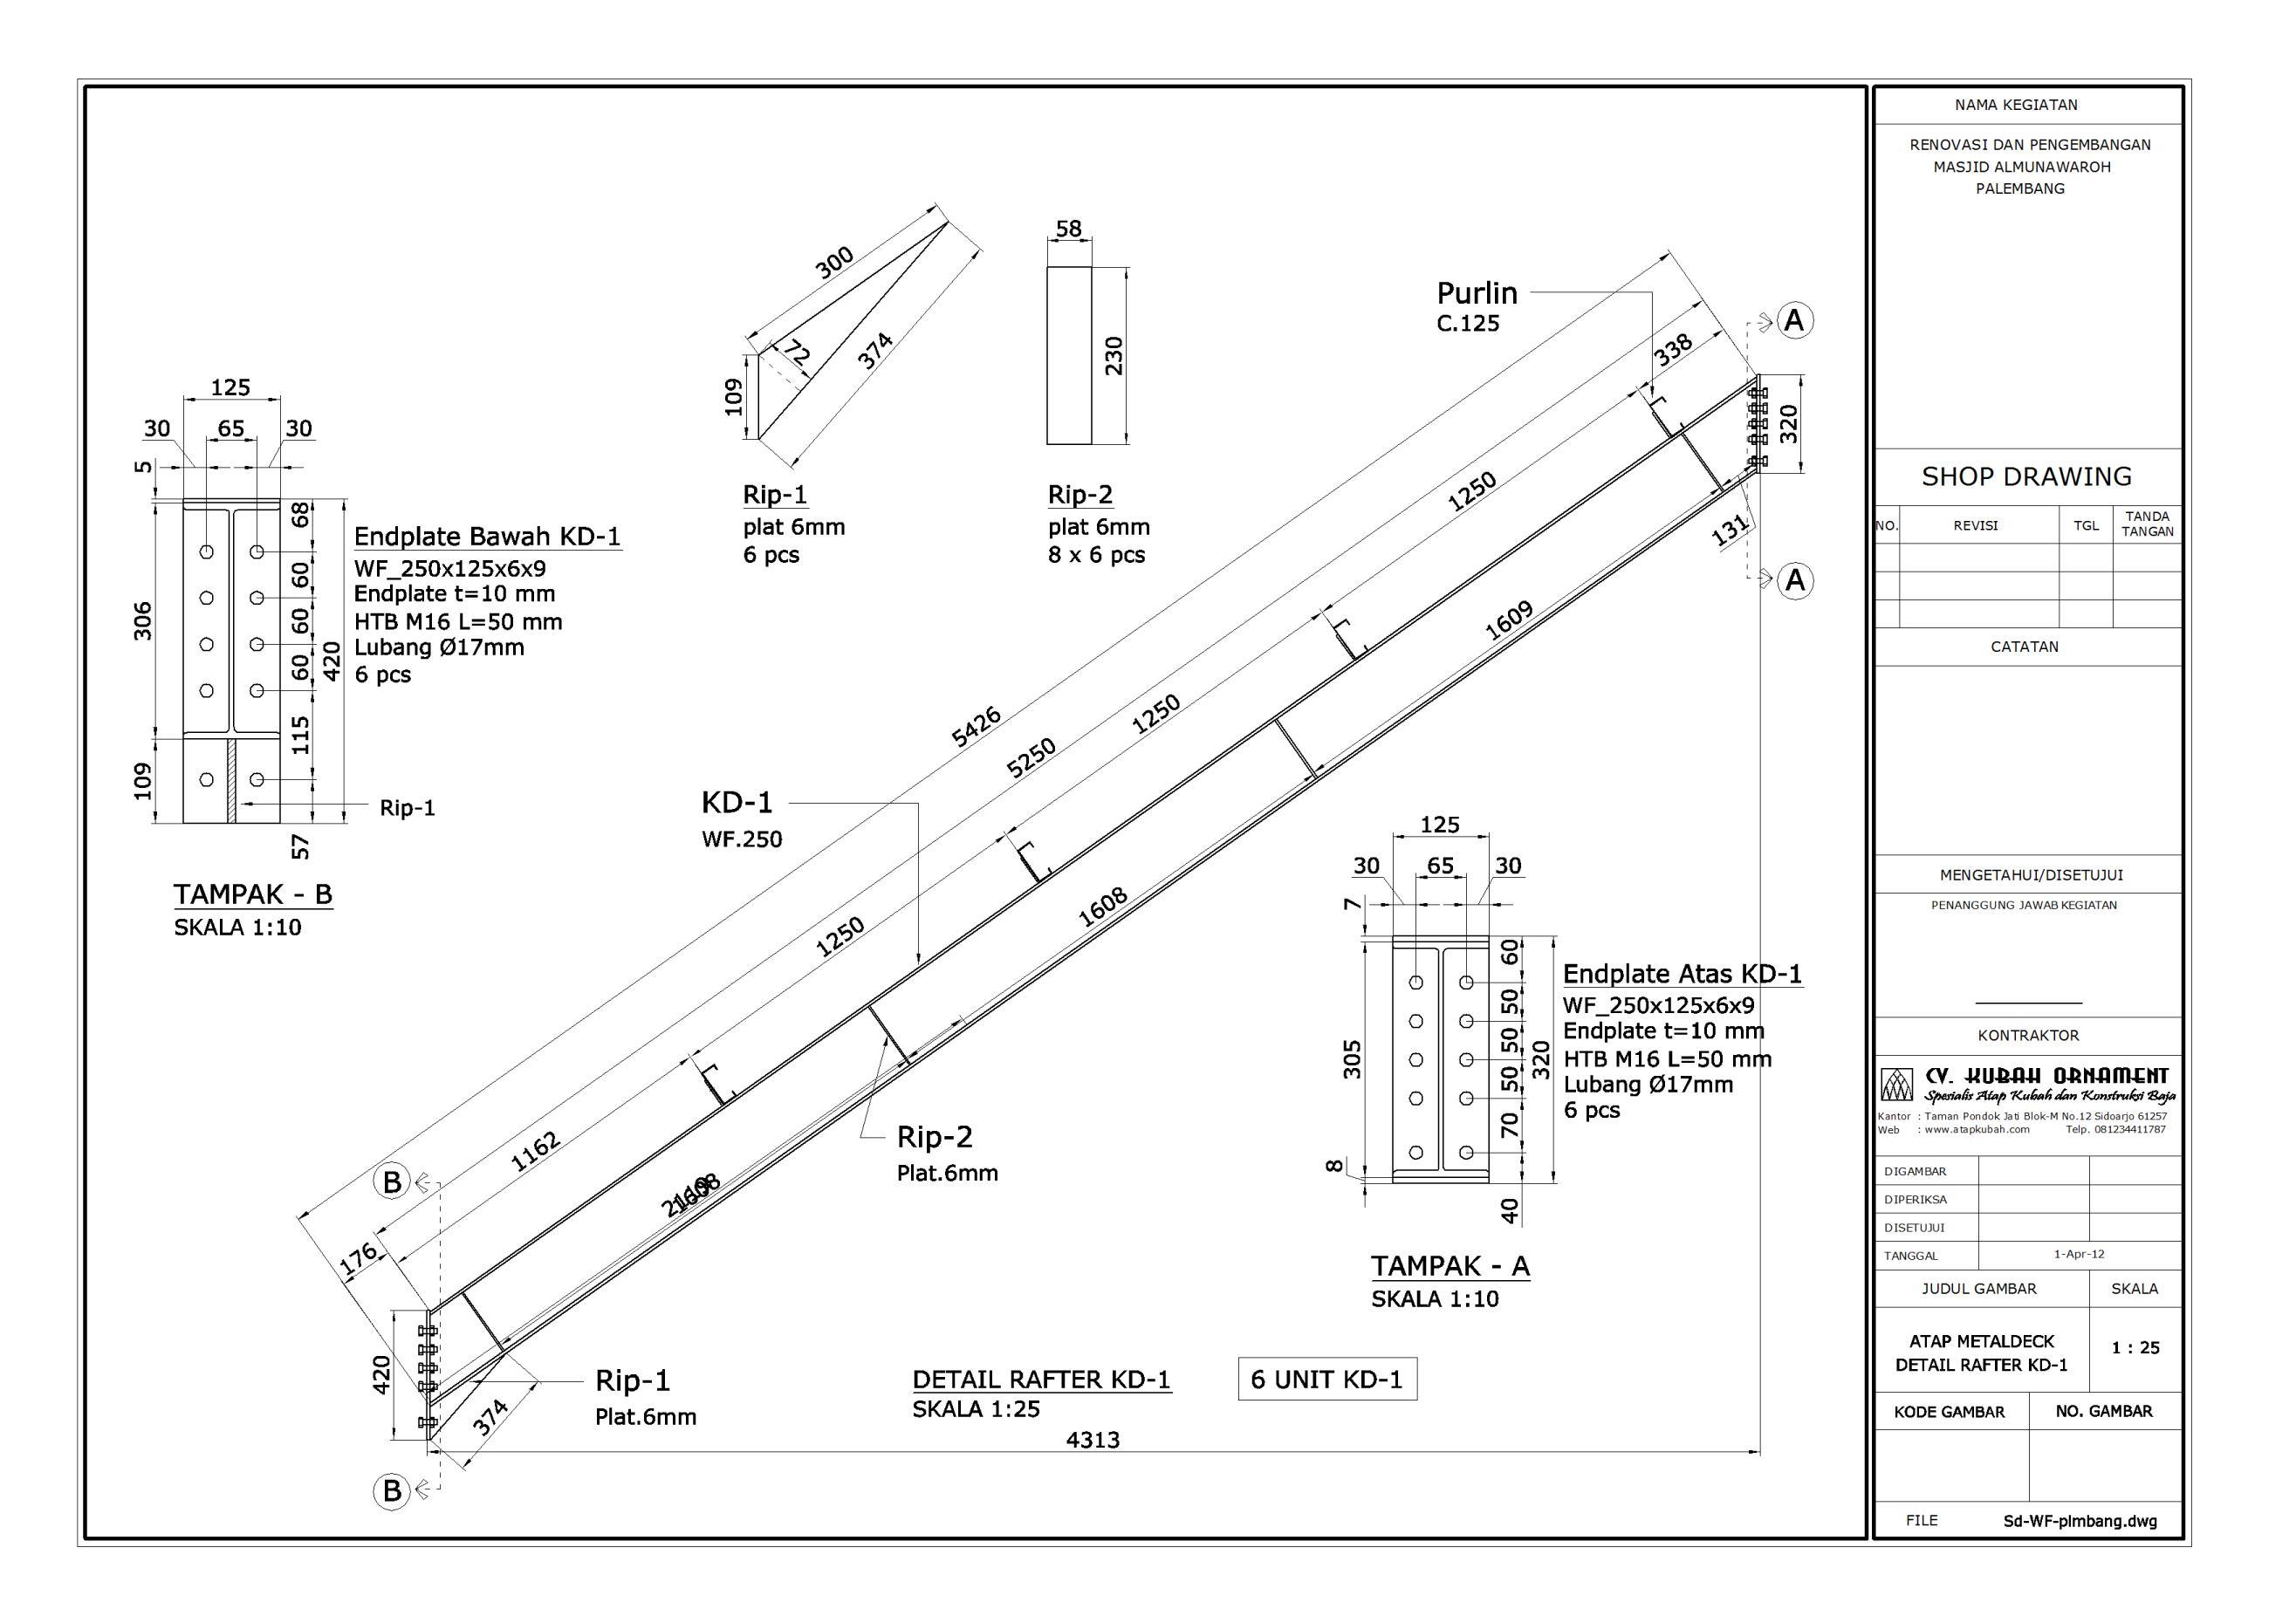 Desain Konstruksi Baja Atap Wf Atap Kubah Rangka Struktur Space